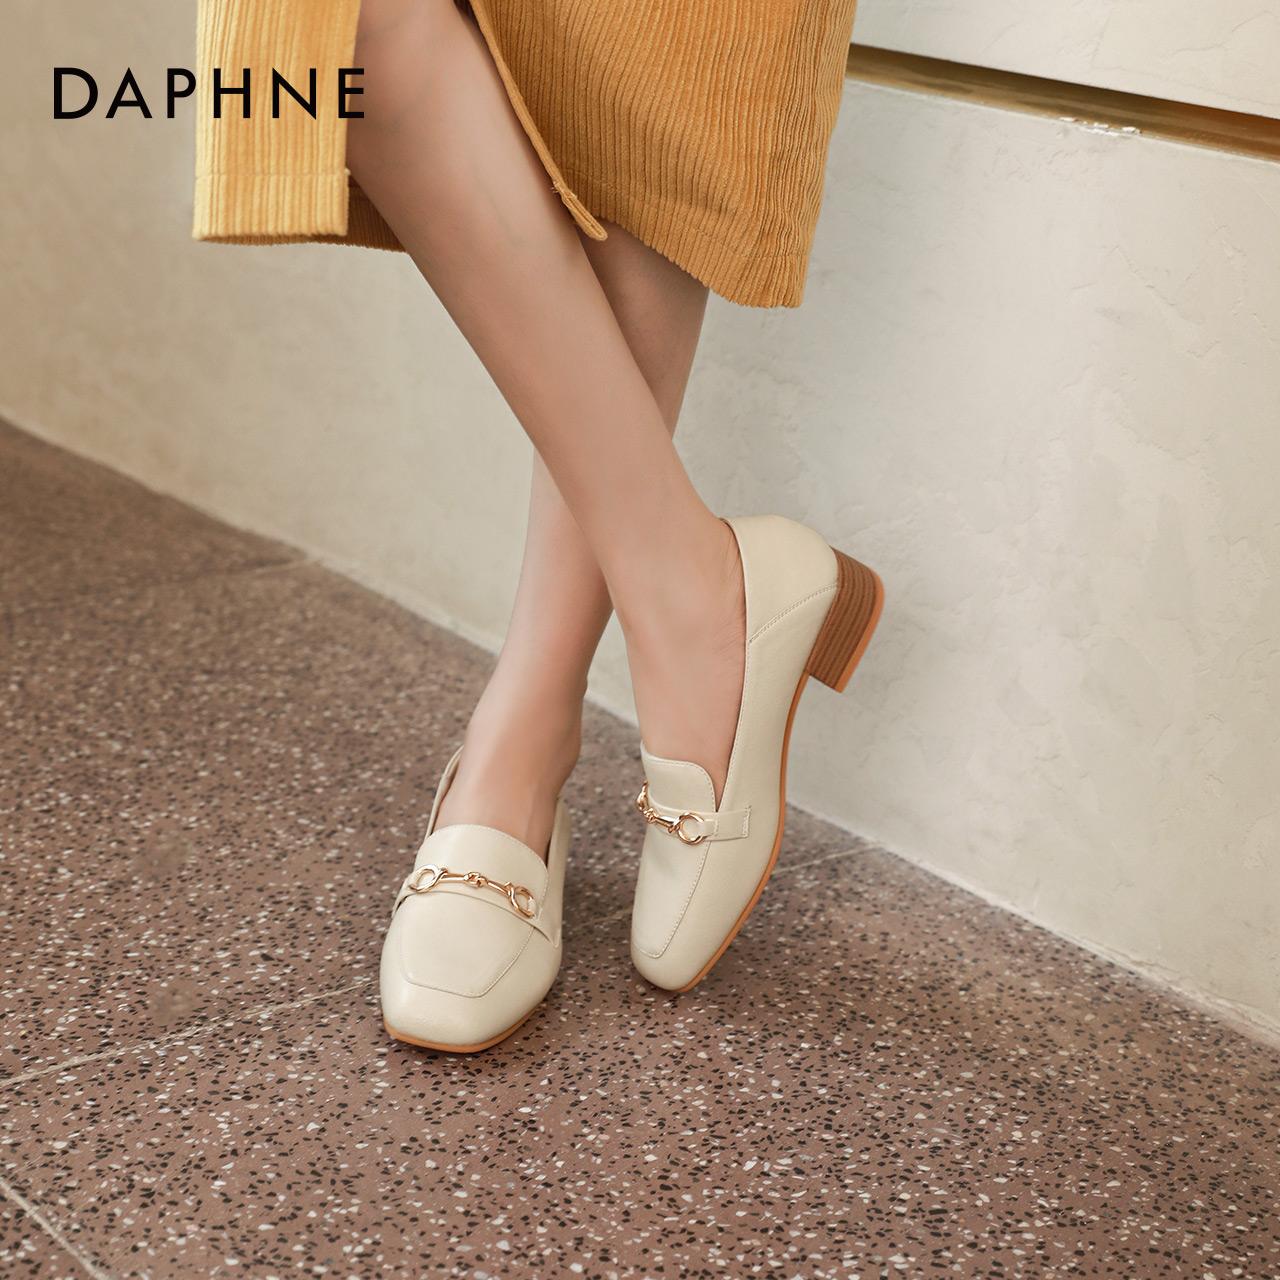 秋纯色深口方头乐福鞋套脚方跟时尚吸睛休闲女单鞋 2020 达芙妮